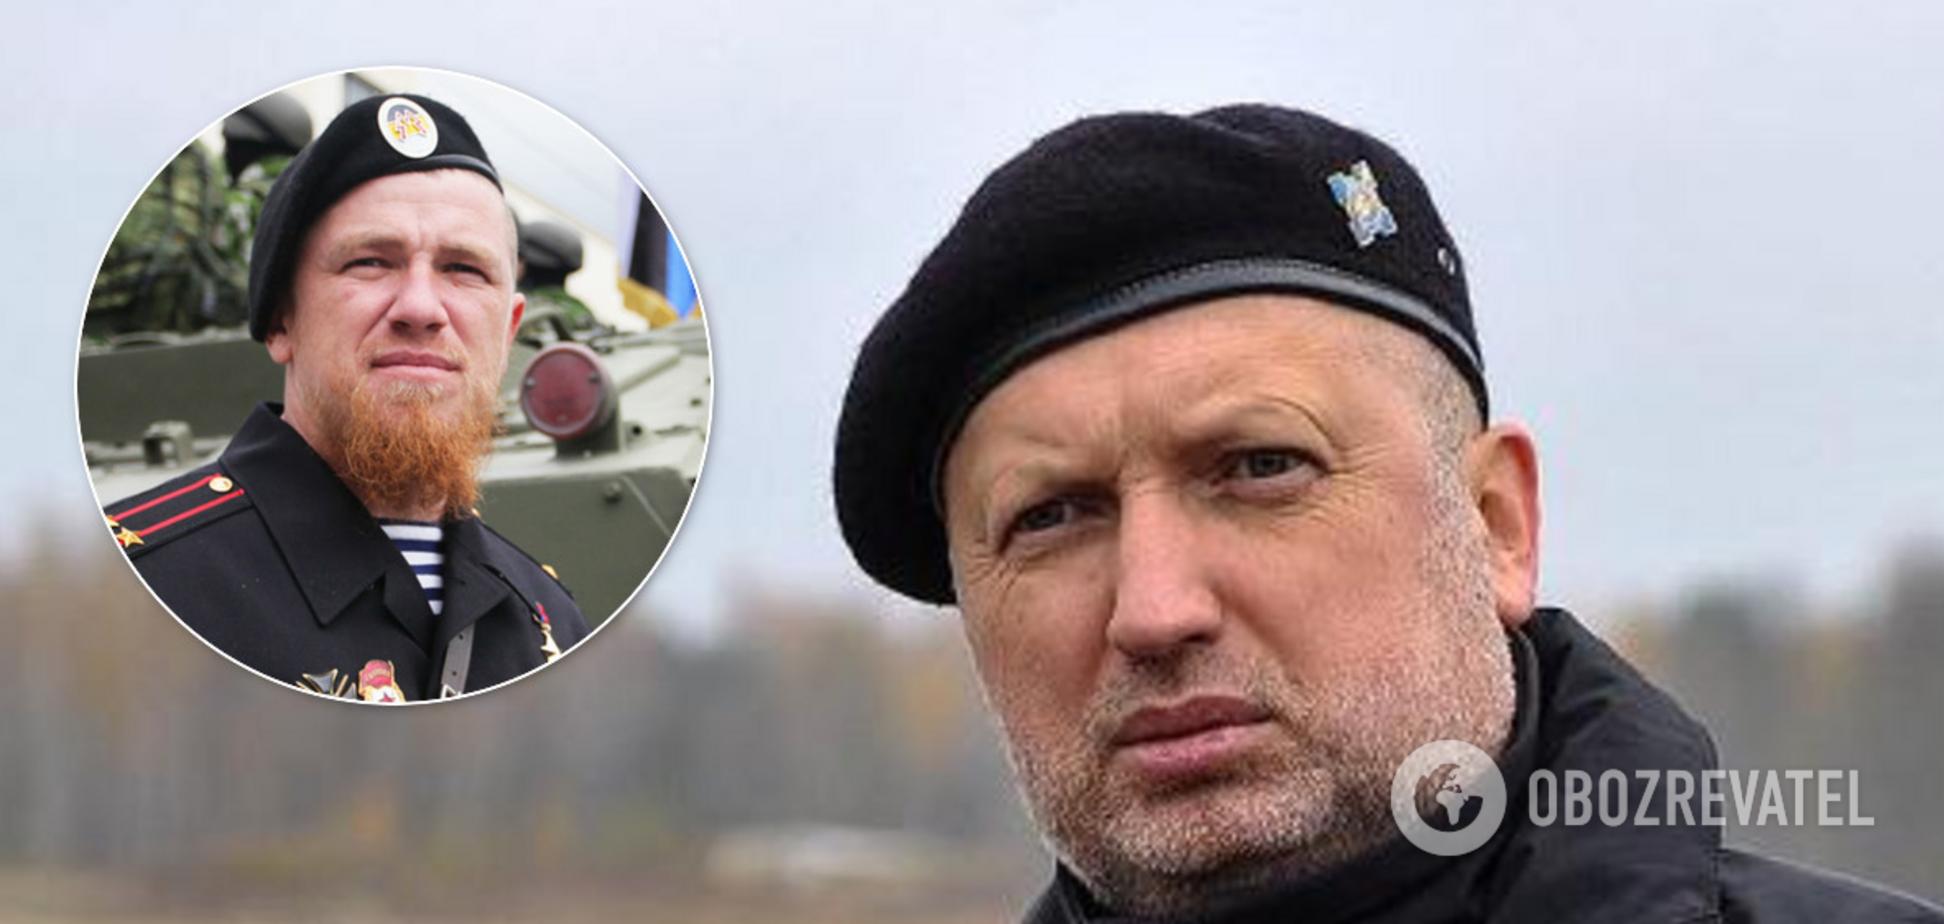 'Поставив пташку': Турчинов зізнався, що відчув після вбивства 'Мотороли'